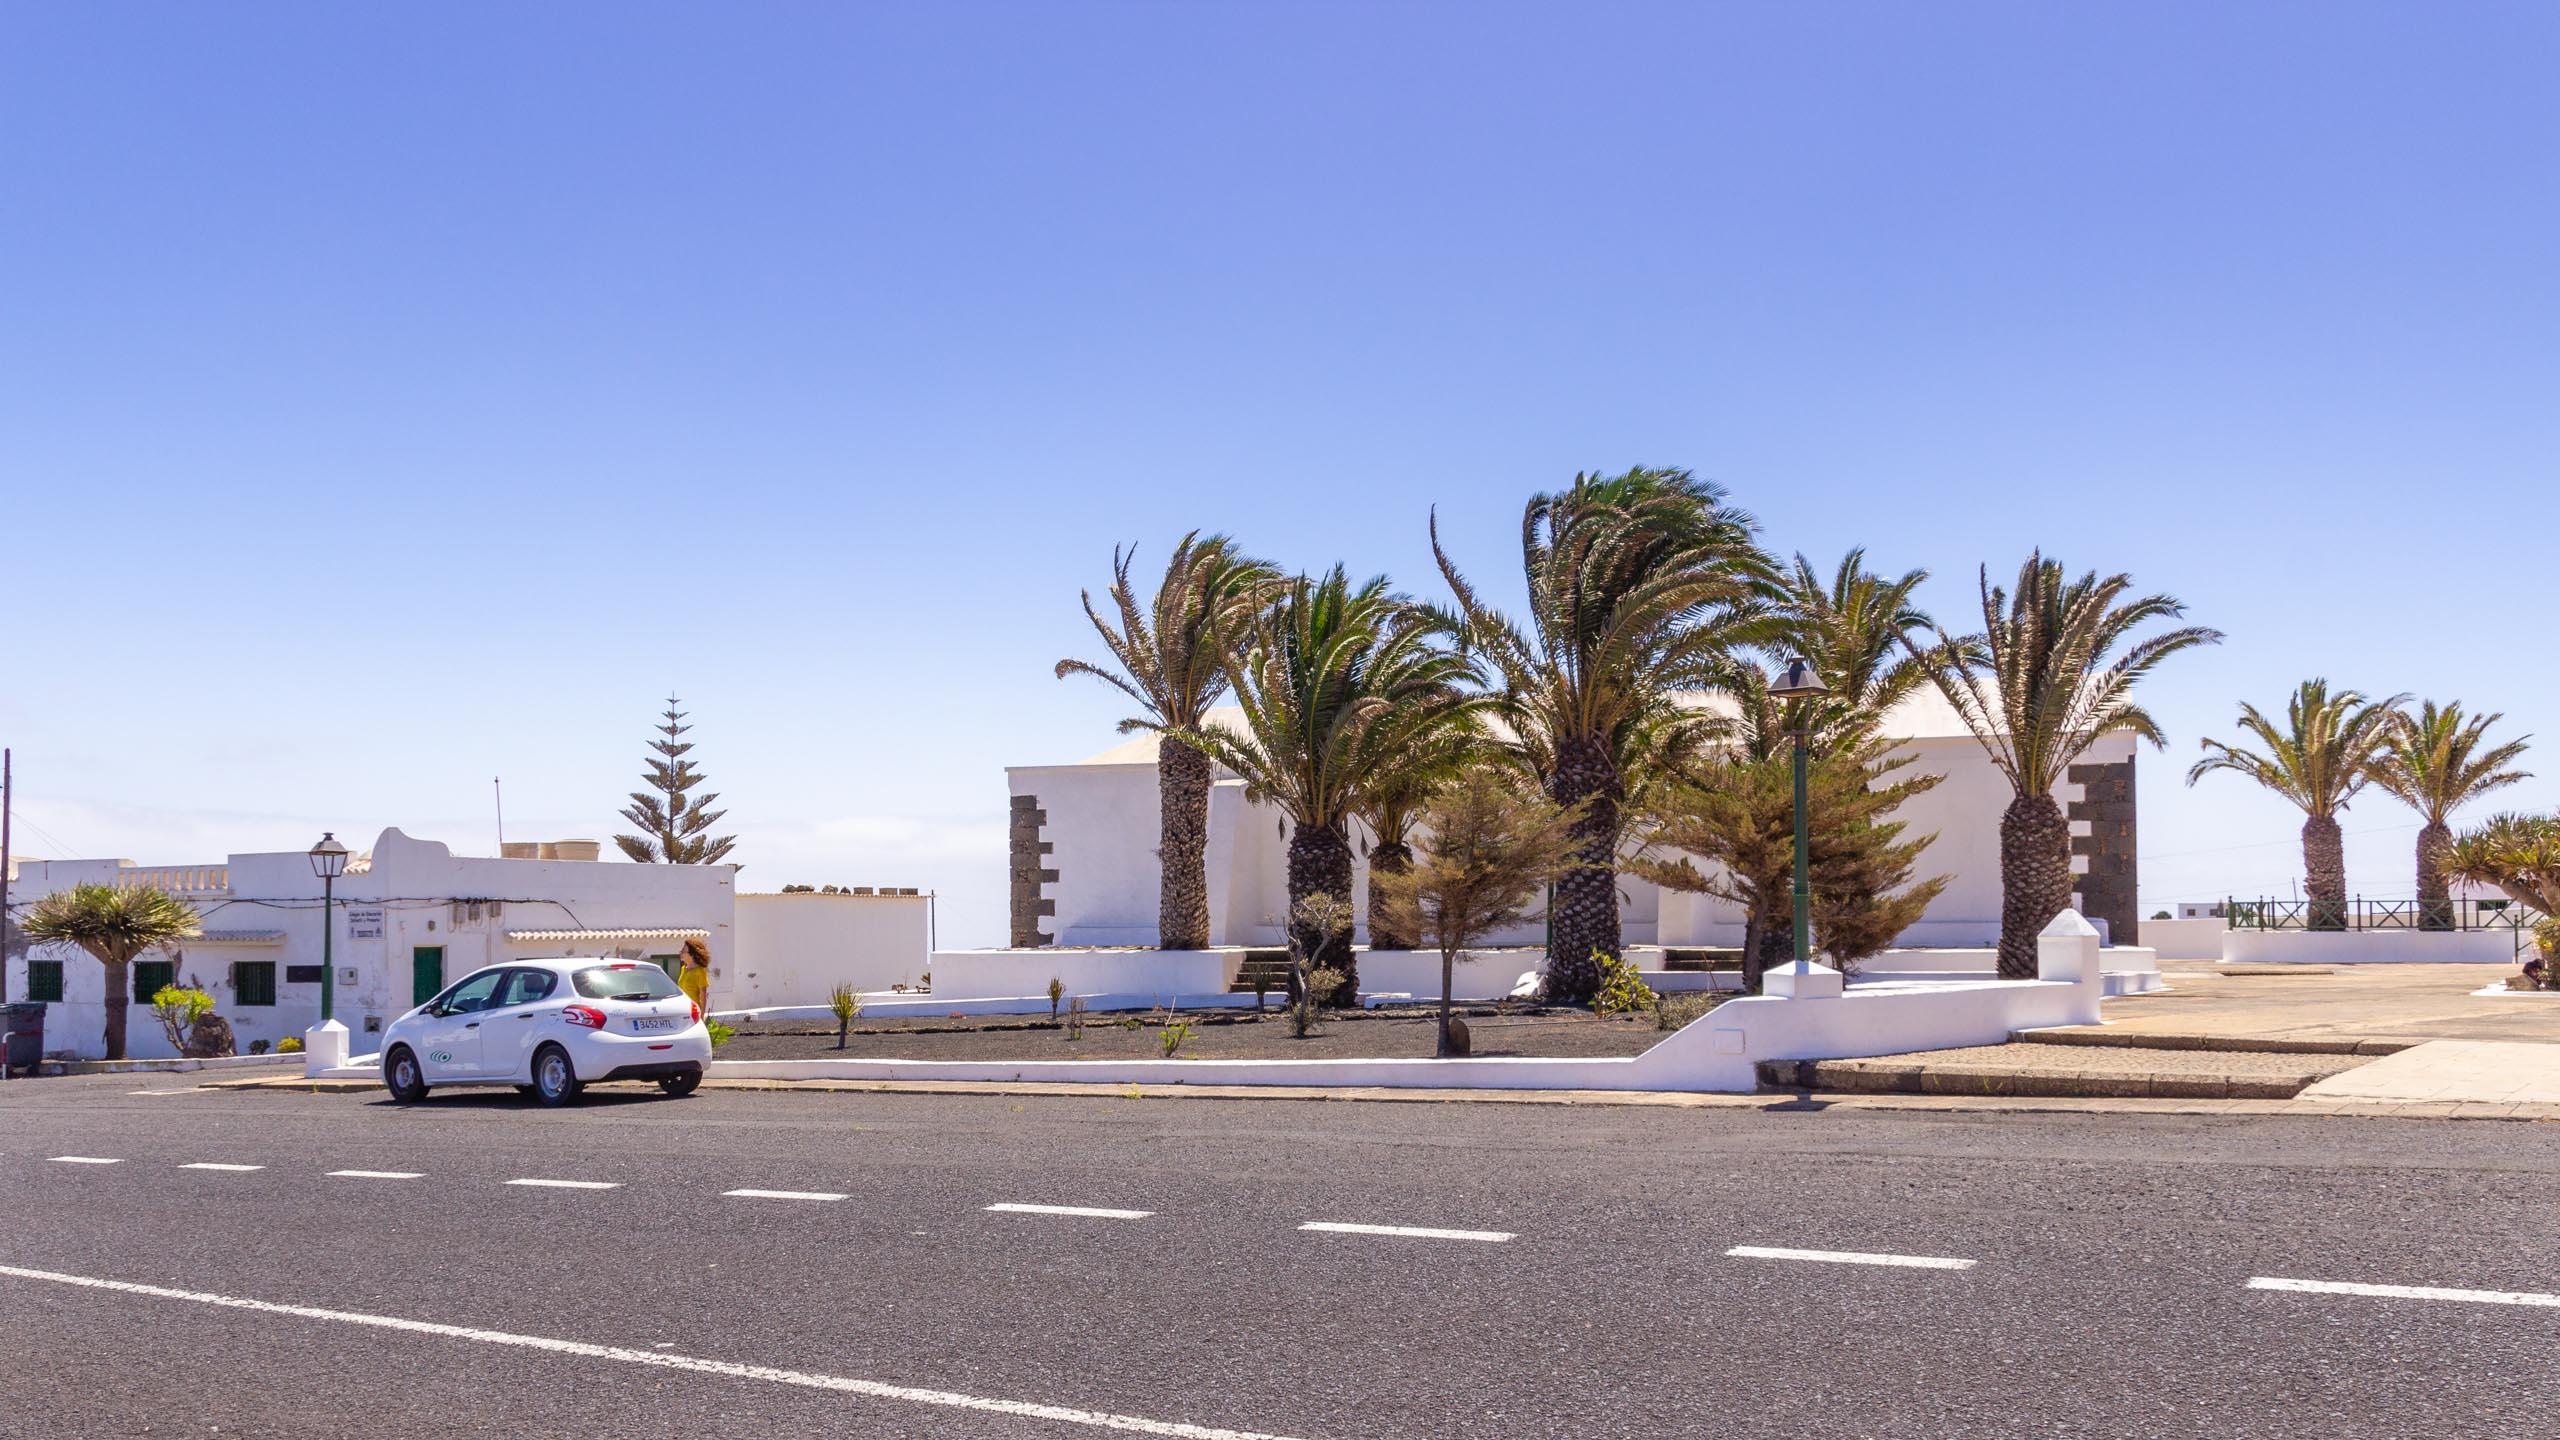 2016 09 Lanzarote TeseguiteTheChurch 002